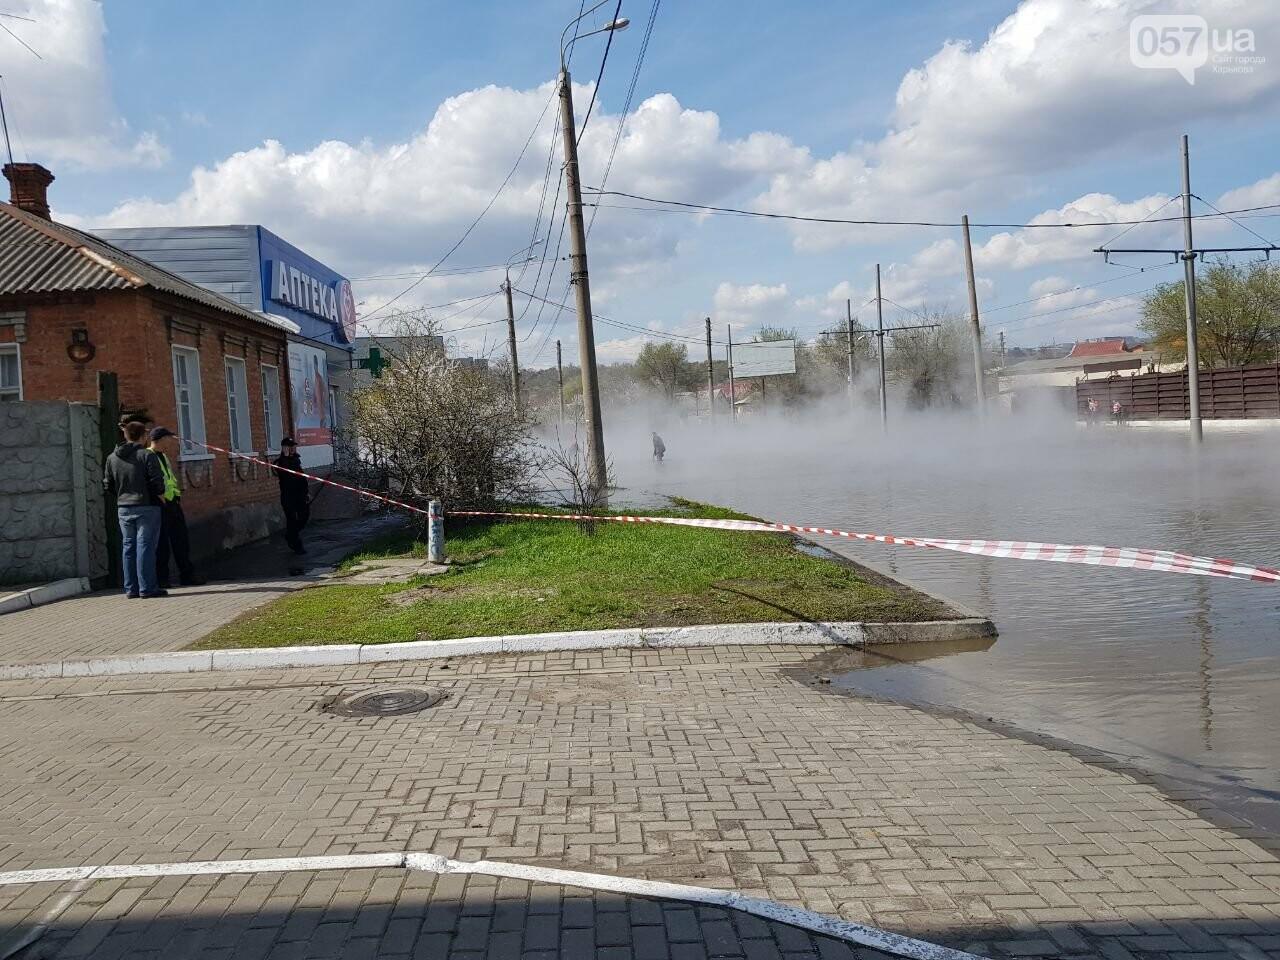 На Киевской часть дороги залило кипятком, - ФОТО, фото-7